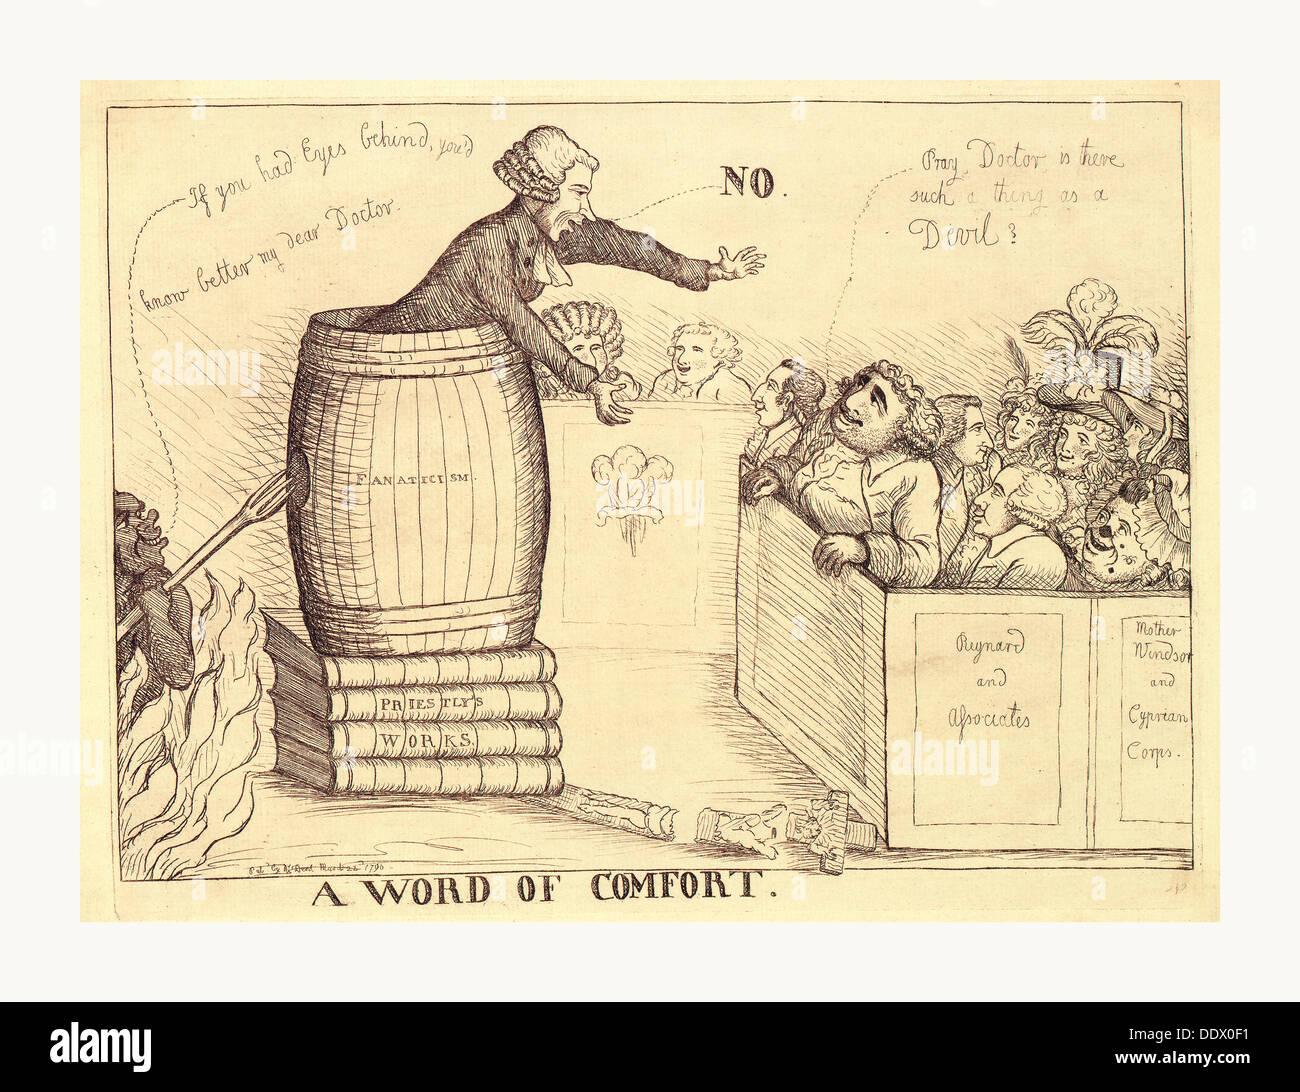 Una palabra de consuelo, Dent, William, activa, 1783-1793 en sanguina grabado 1790, una sátira británica sobre los esfuerzos de Charles James Imagen De Stock